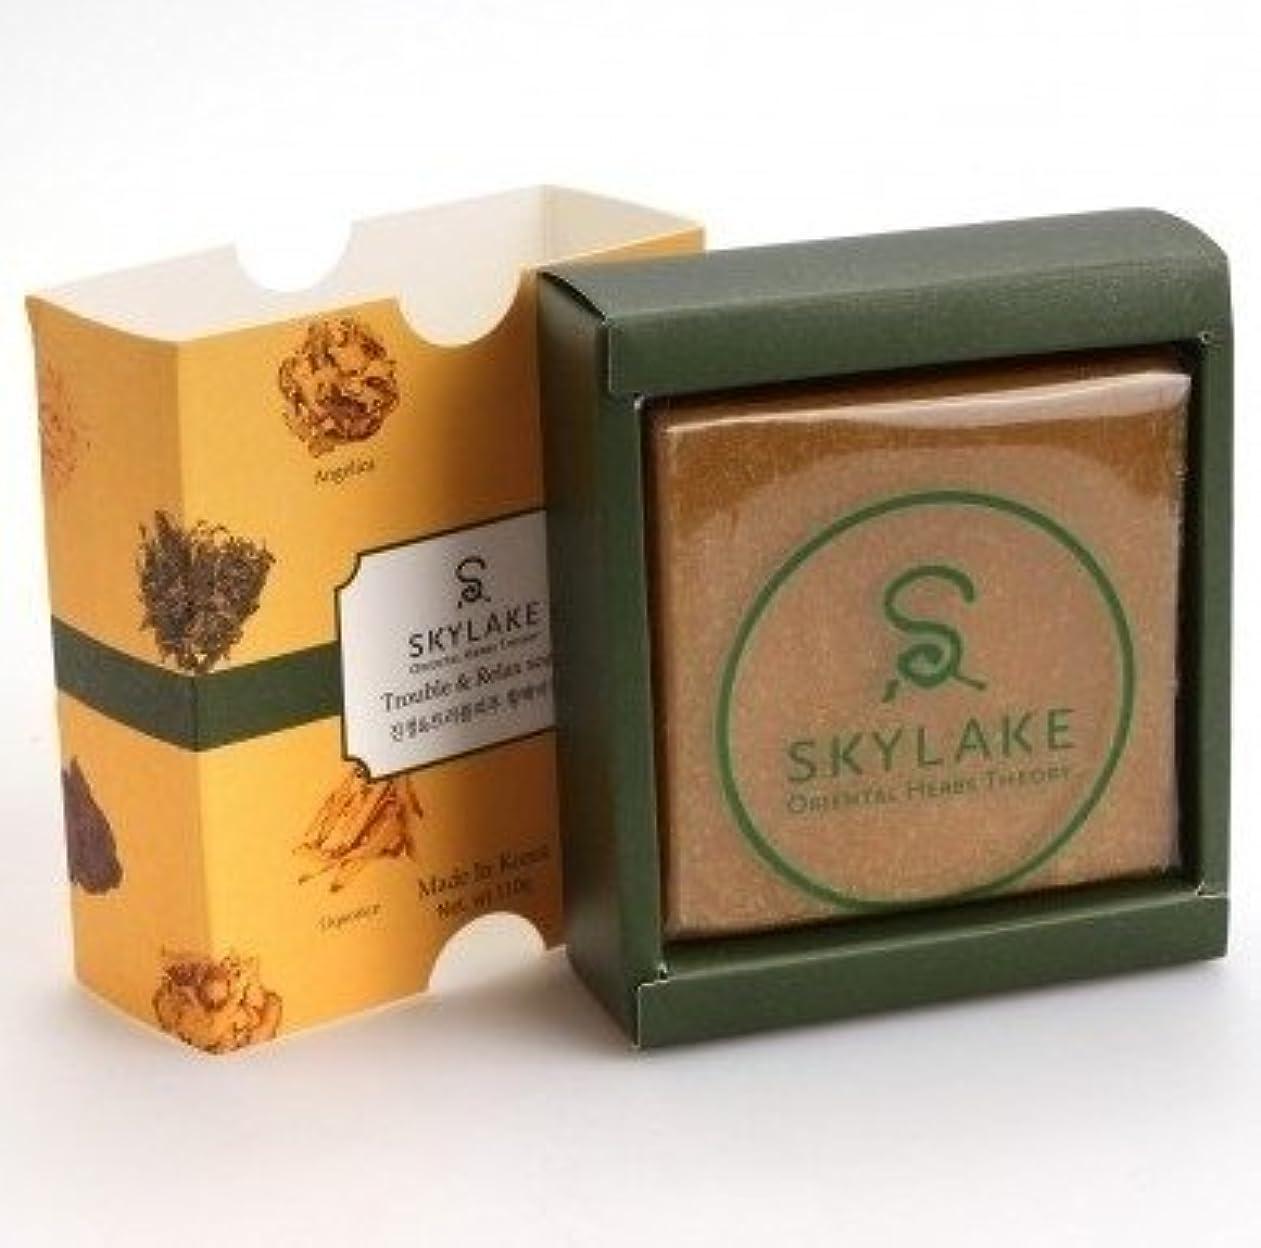 続編休戦ボウリング[1+1]ハヌルホス[Skylake] 漢方アロマ石鹸Oriental Herbs Theory Soap (肌荒れ肌用)